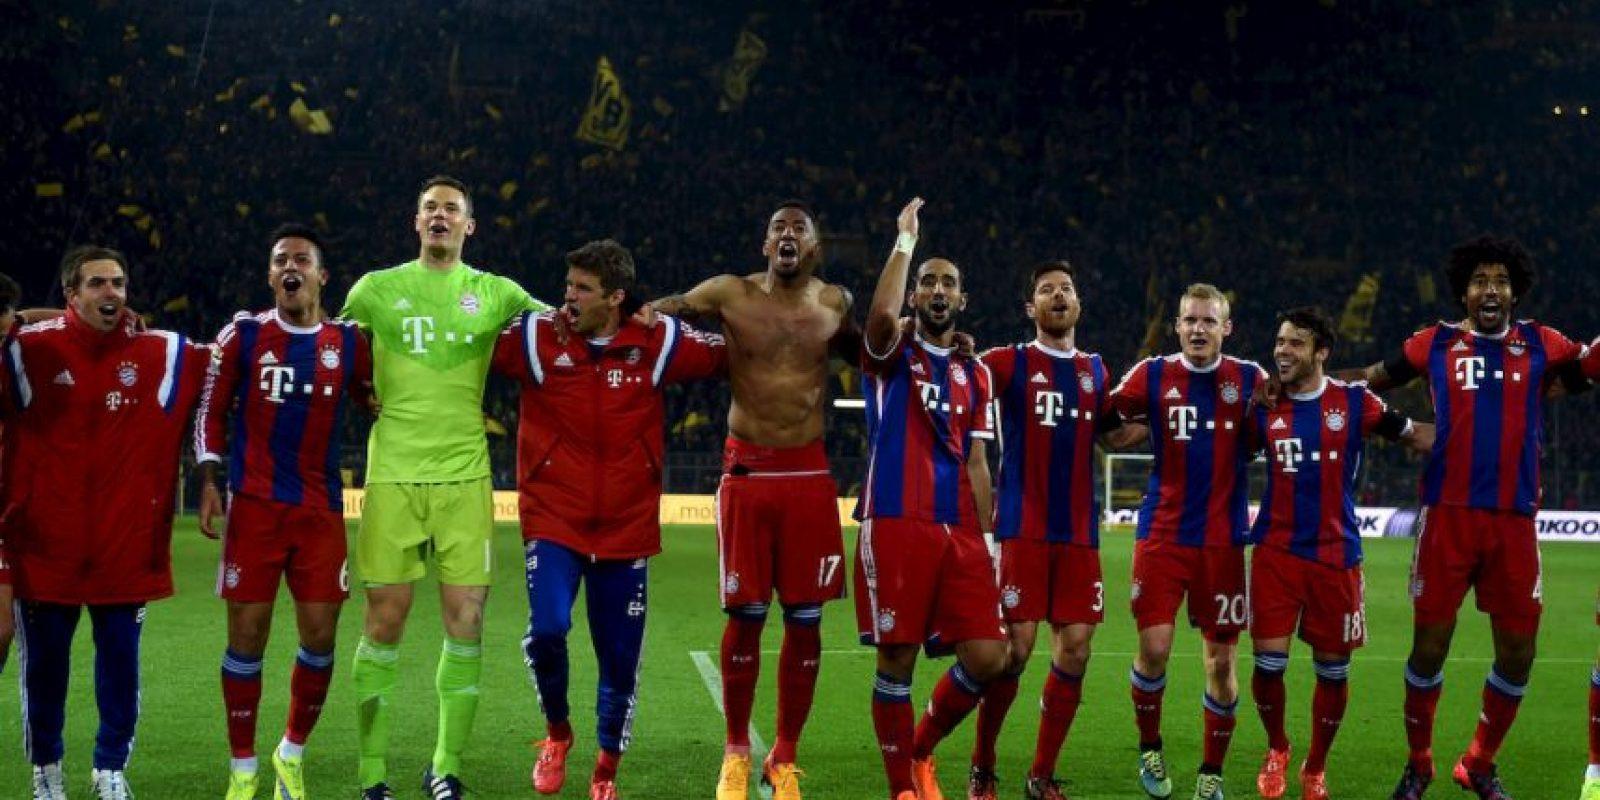 """En 2013, también insultaron a Mario Götze por dejarlos y marcharse al Bayern. """"¡Vete a la mierda, Götze!"""" fue el mensaje que mostraron los aficionados en una manta gigante. Foto:AFP"""